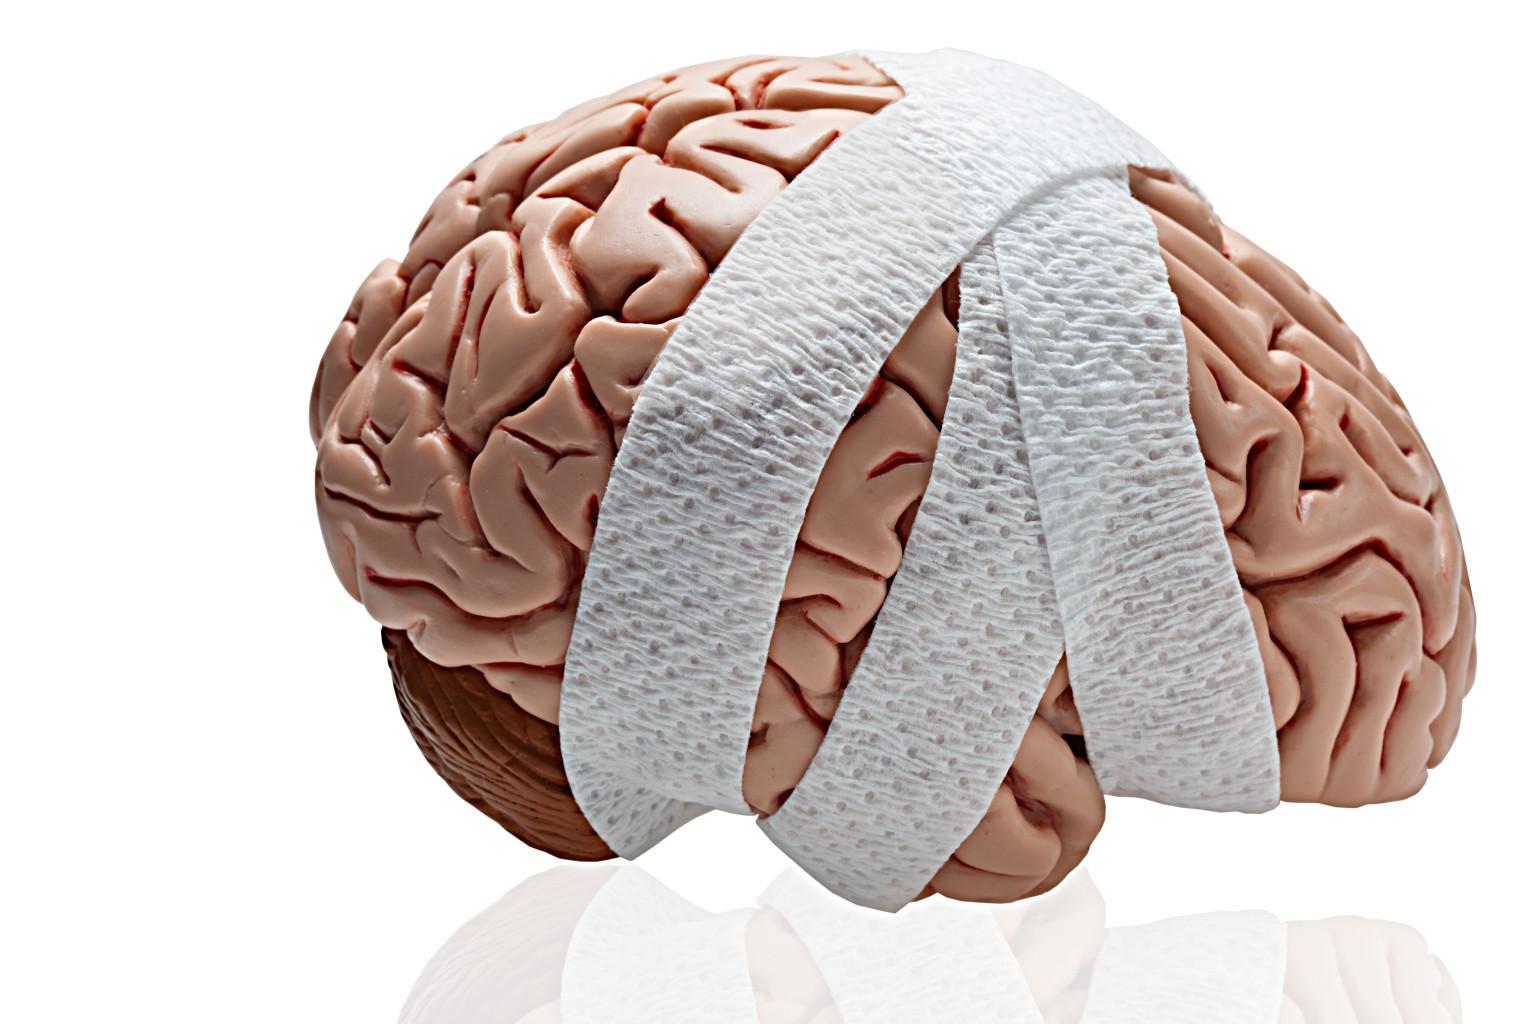 Anoxic Brain Injury BrainAndSpinalCordorg Brain